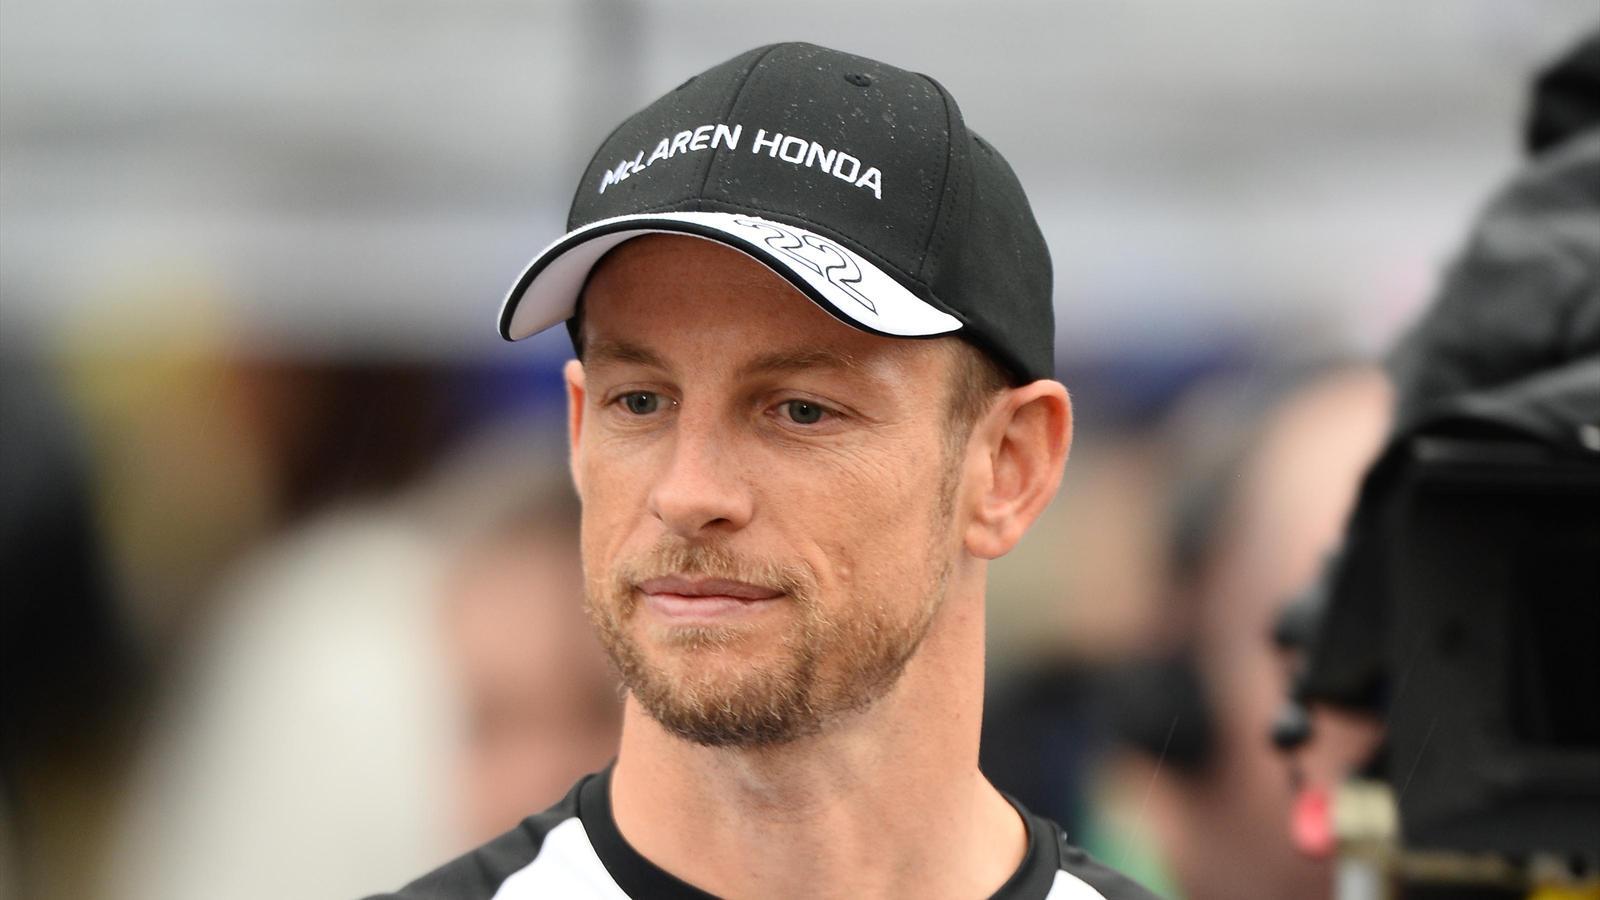 Jenson Button (McLaren) au Grand Prix du Japon 2015